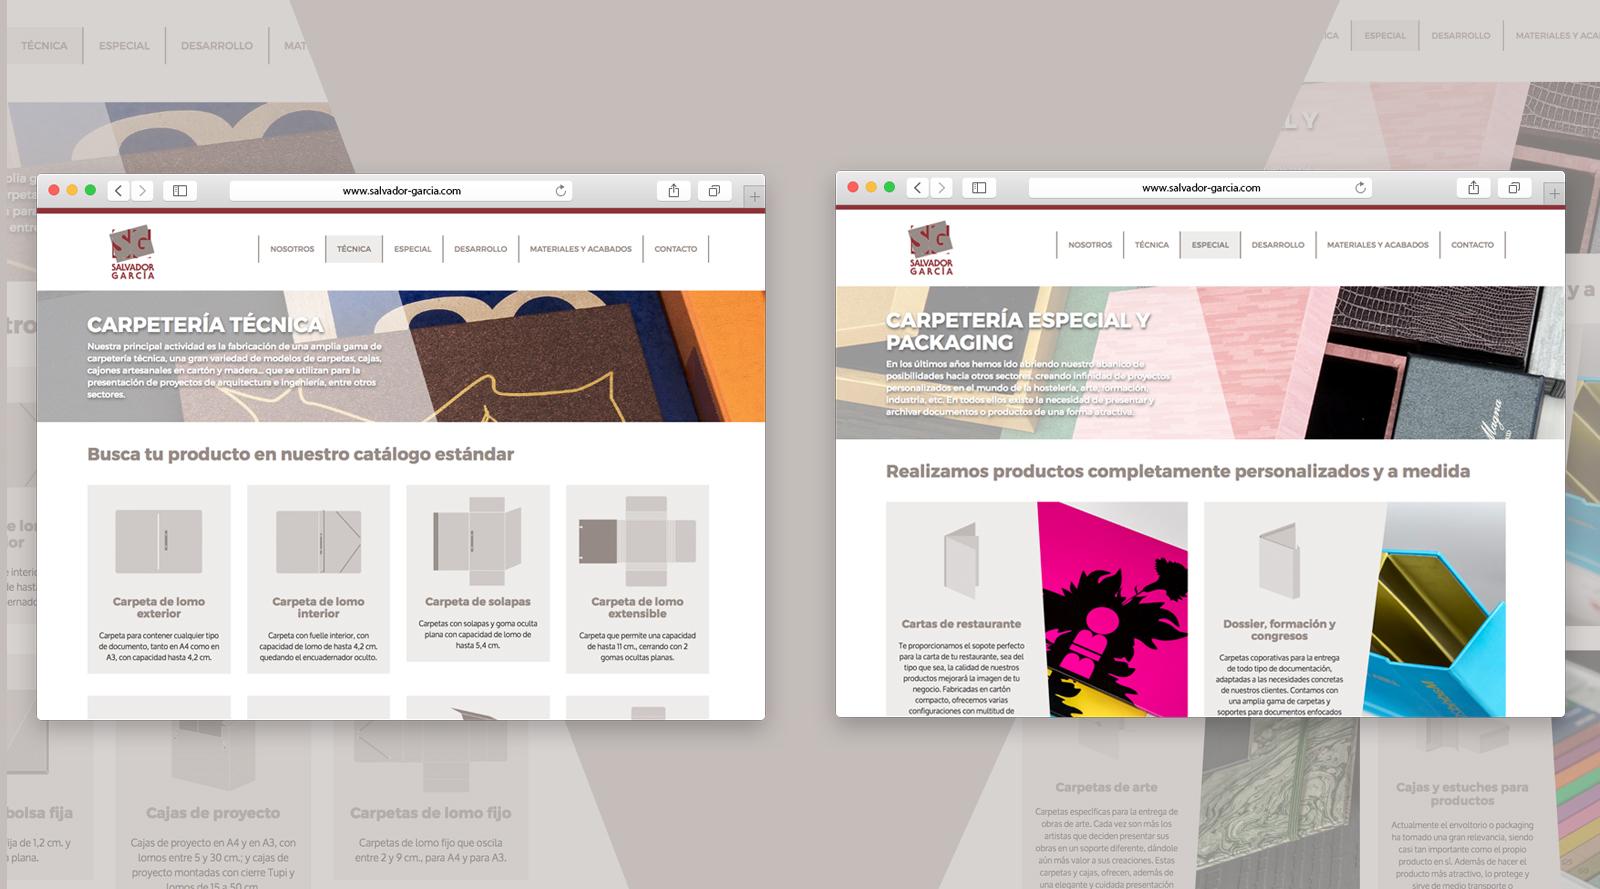 Web con catálogo de productos Salvador García